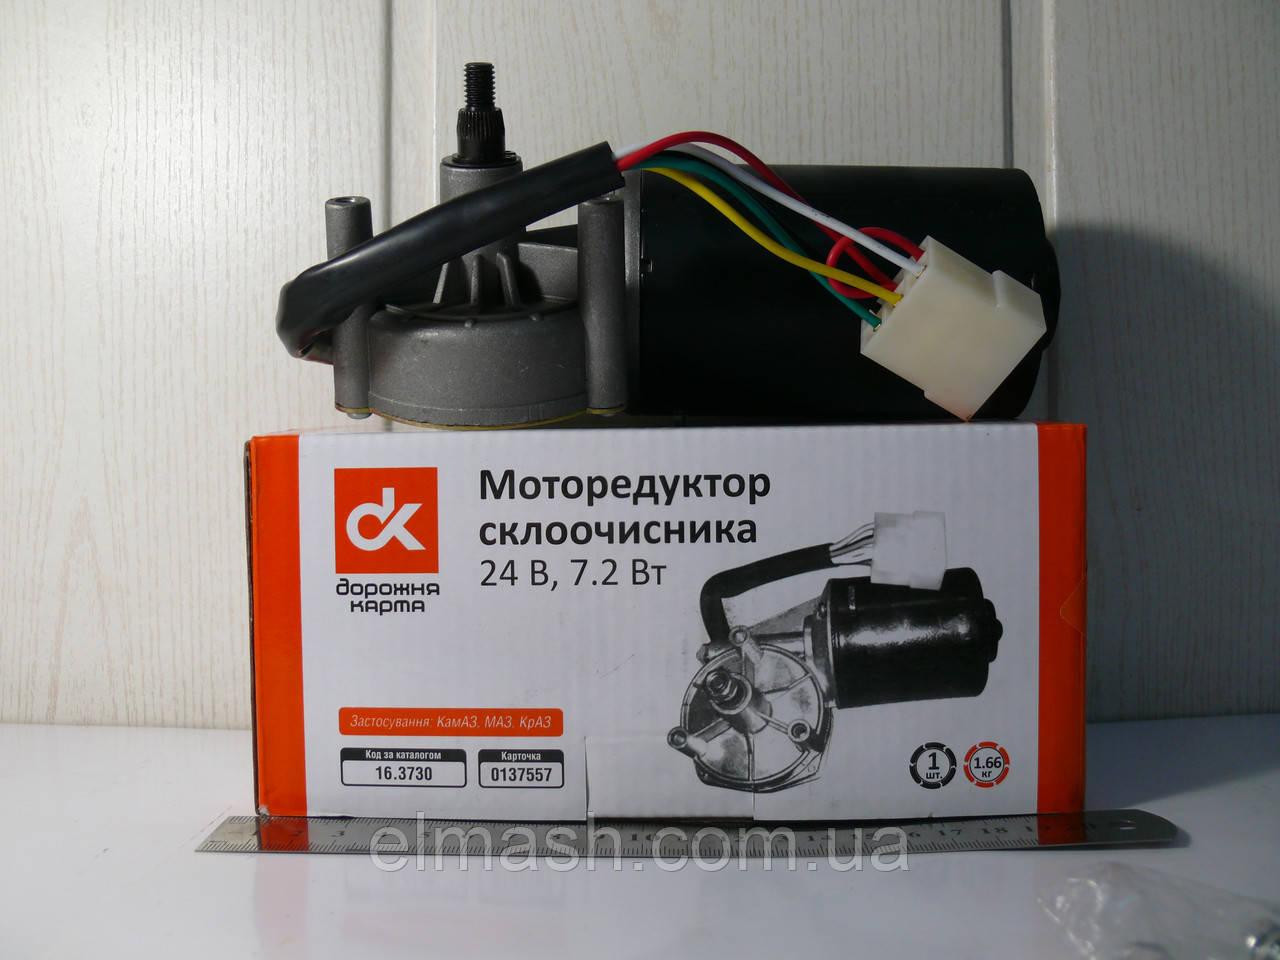 Моторедуктор стеклоочистителя КАМАЗ, МАЗ, КРАЗ 24В 7,2Вт